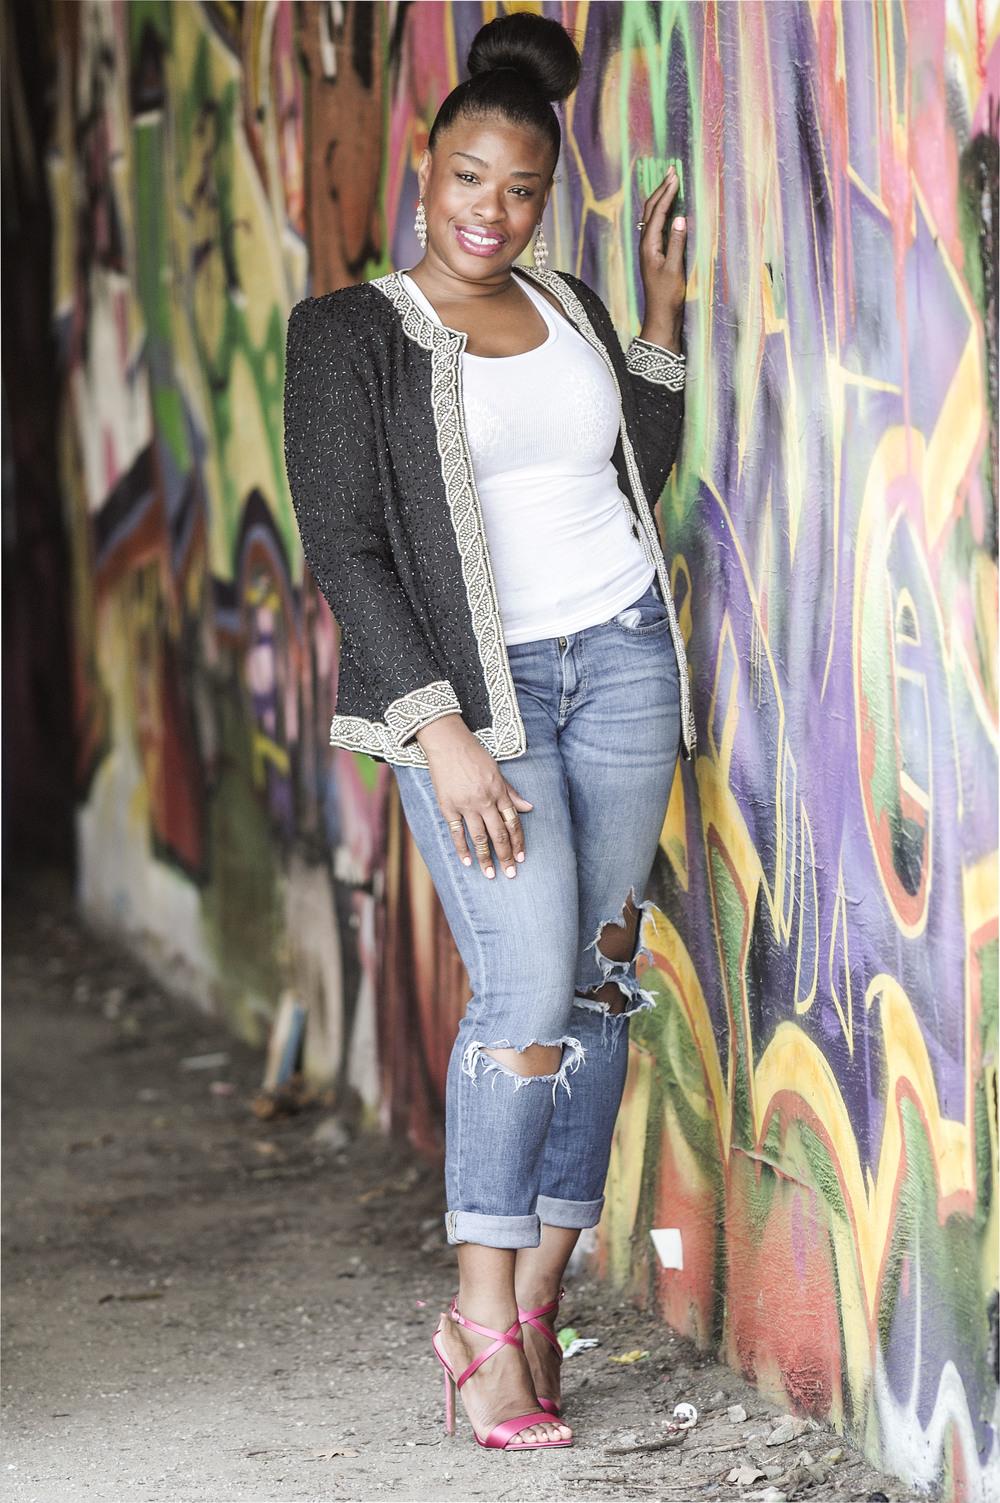 Boyfriend jeans, sequin jacket, hidden treasures,